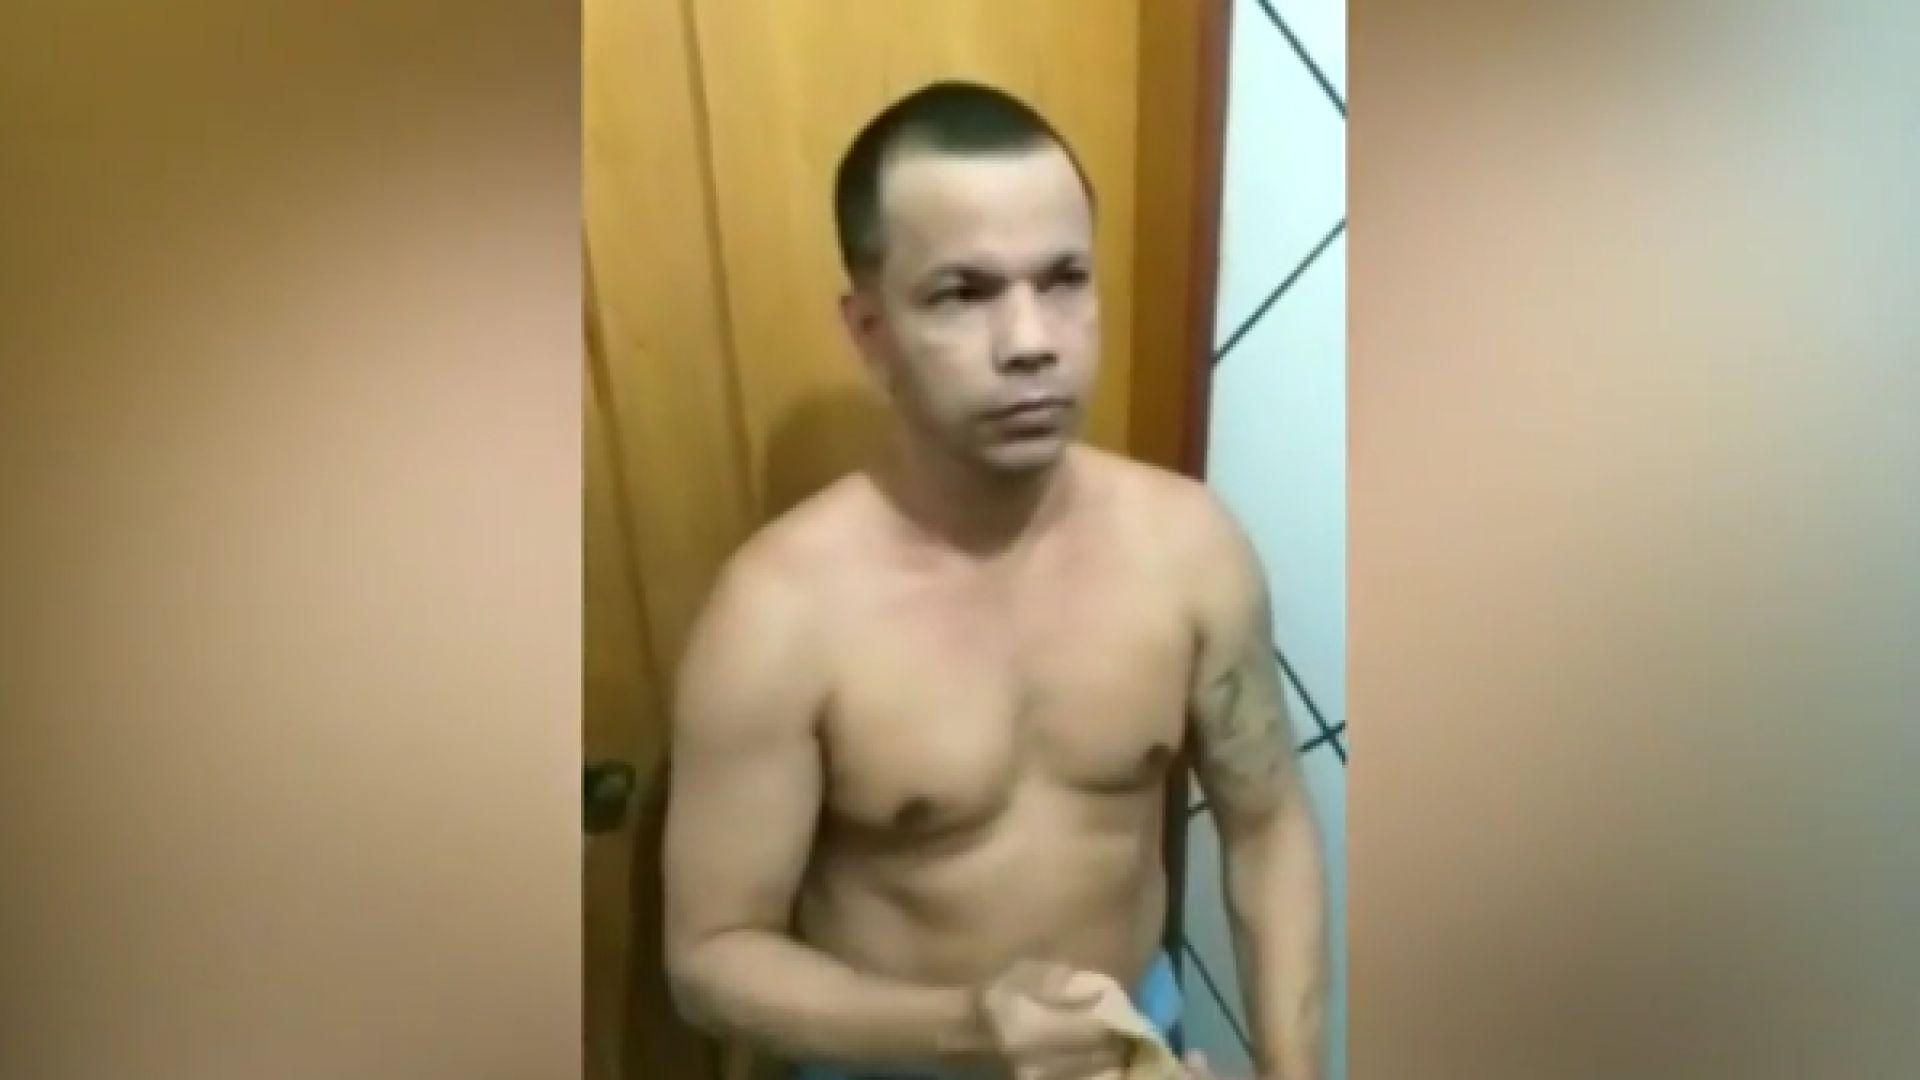 Откриха мъртъв бразилски затворник, опитал да избяга преоблечен като дъщеря си